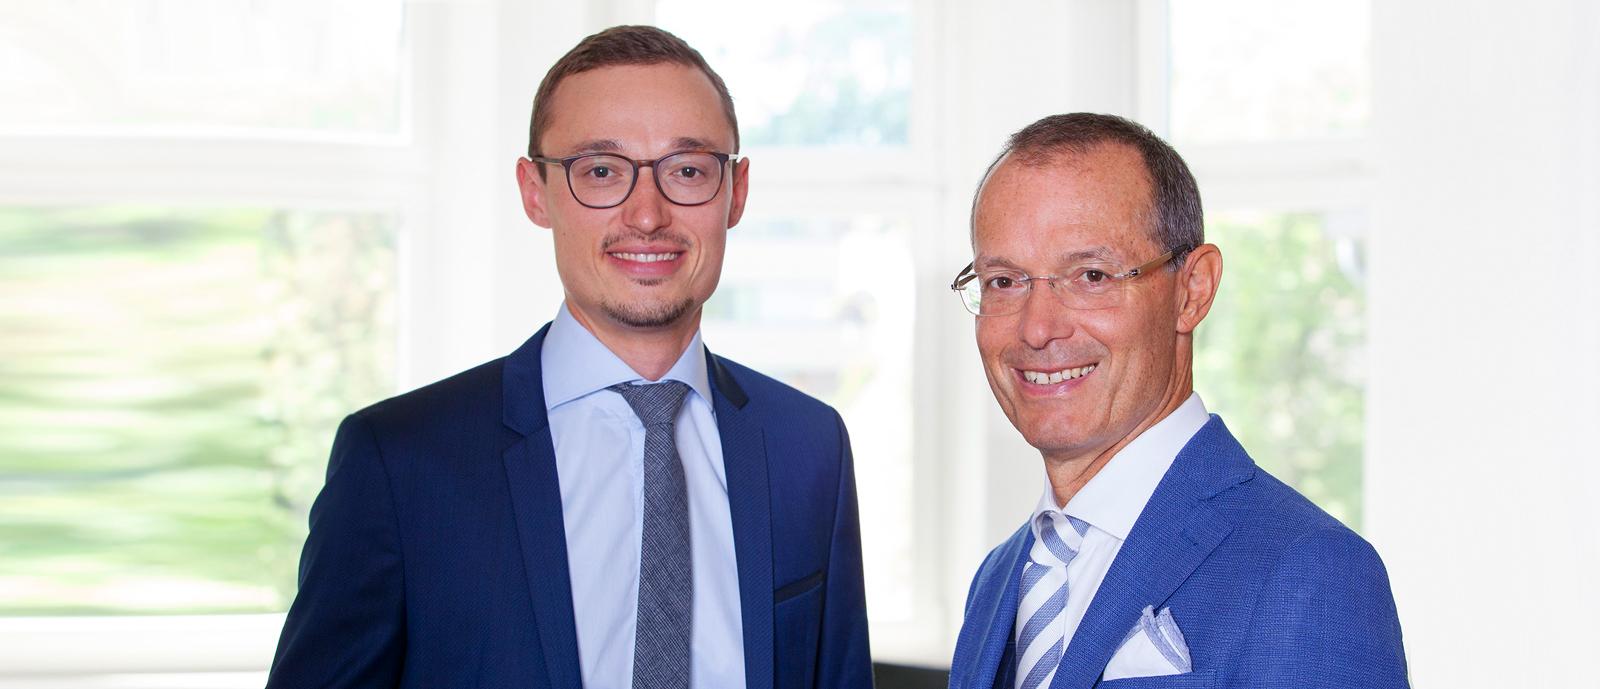 Steuerberater der Steuerkanzlei Steinhart & Partner Augsburg